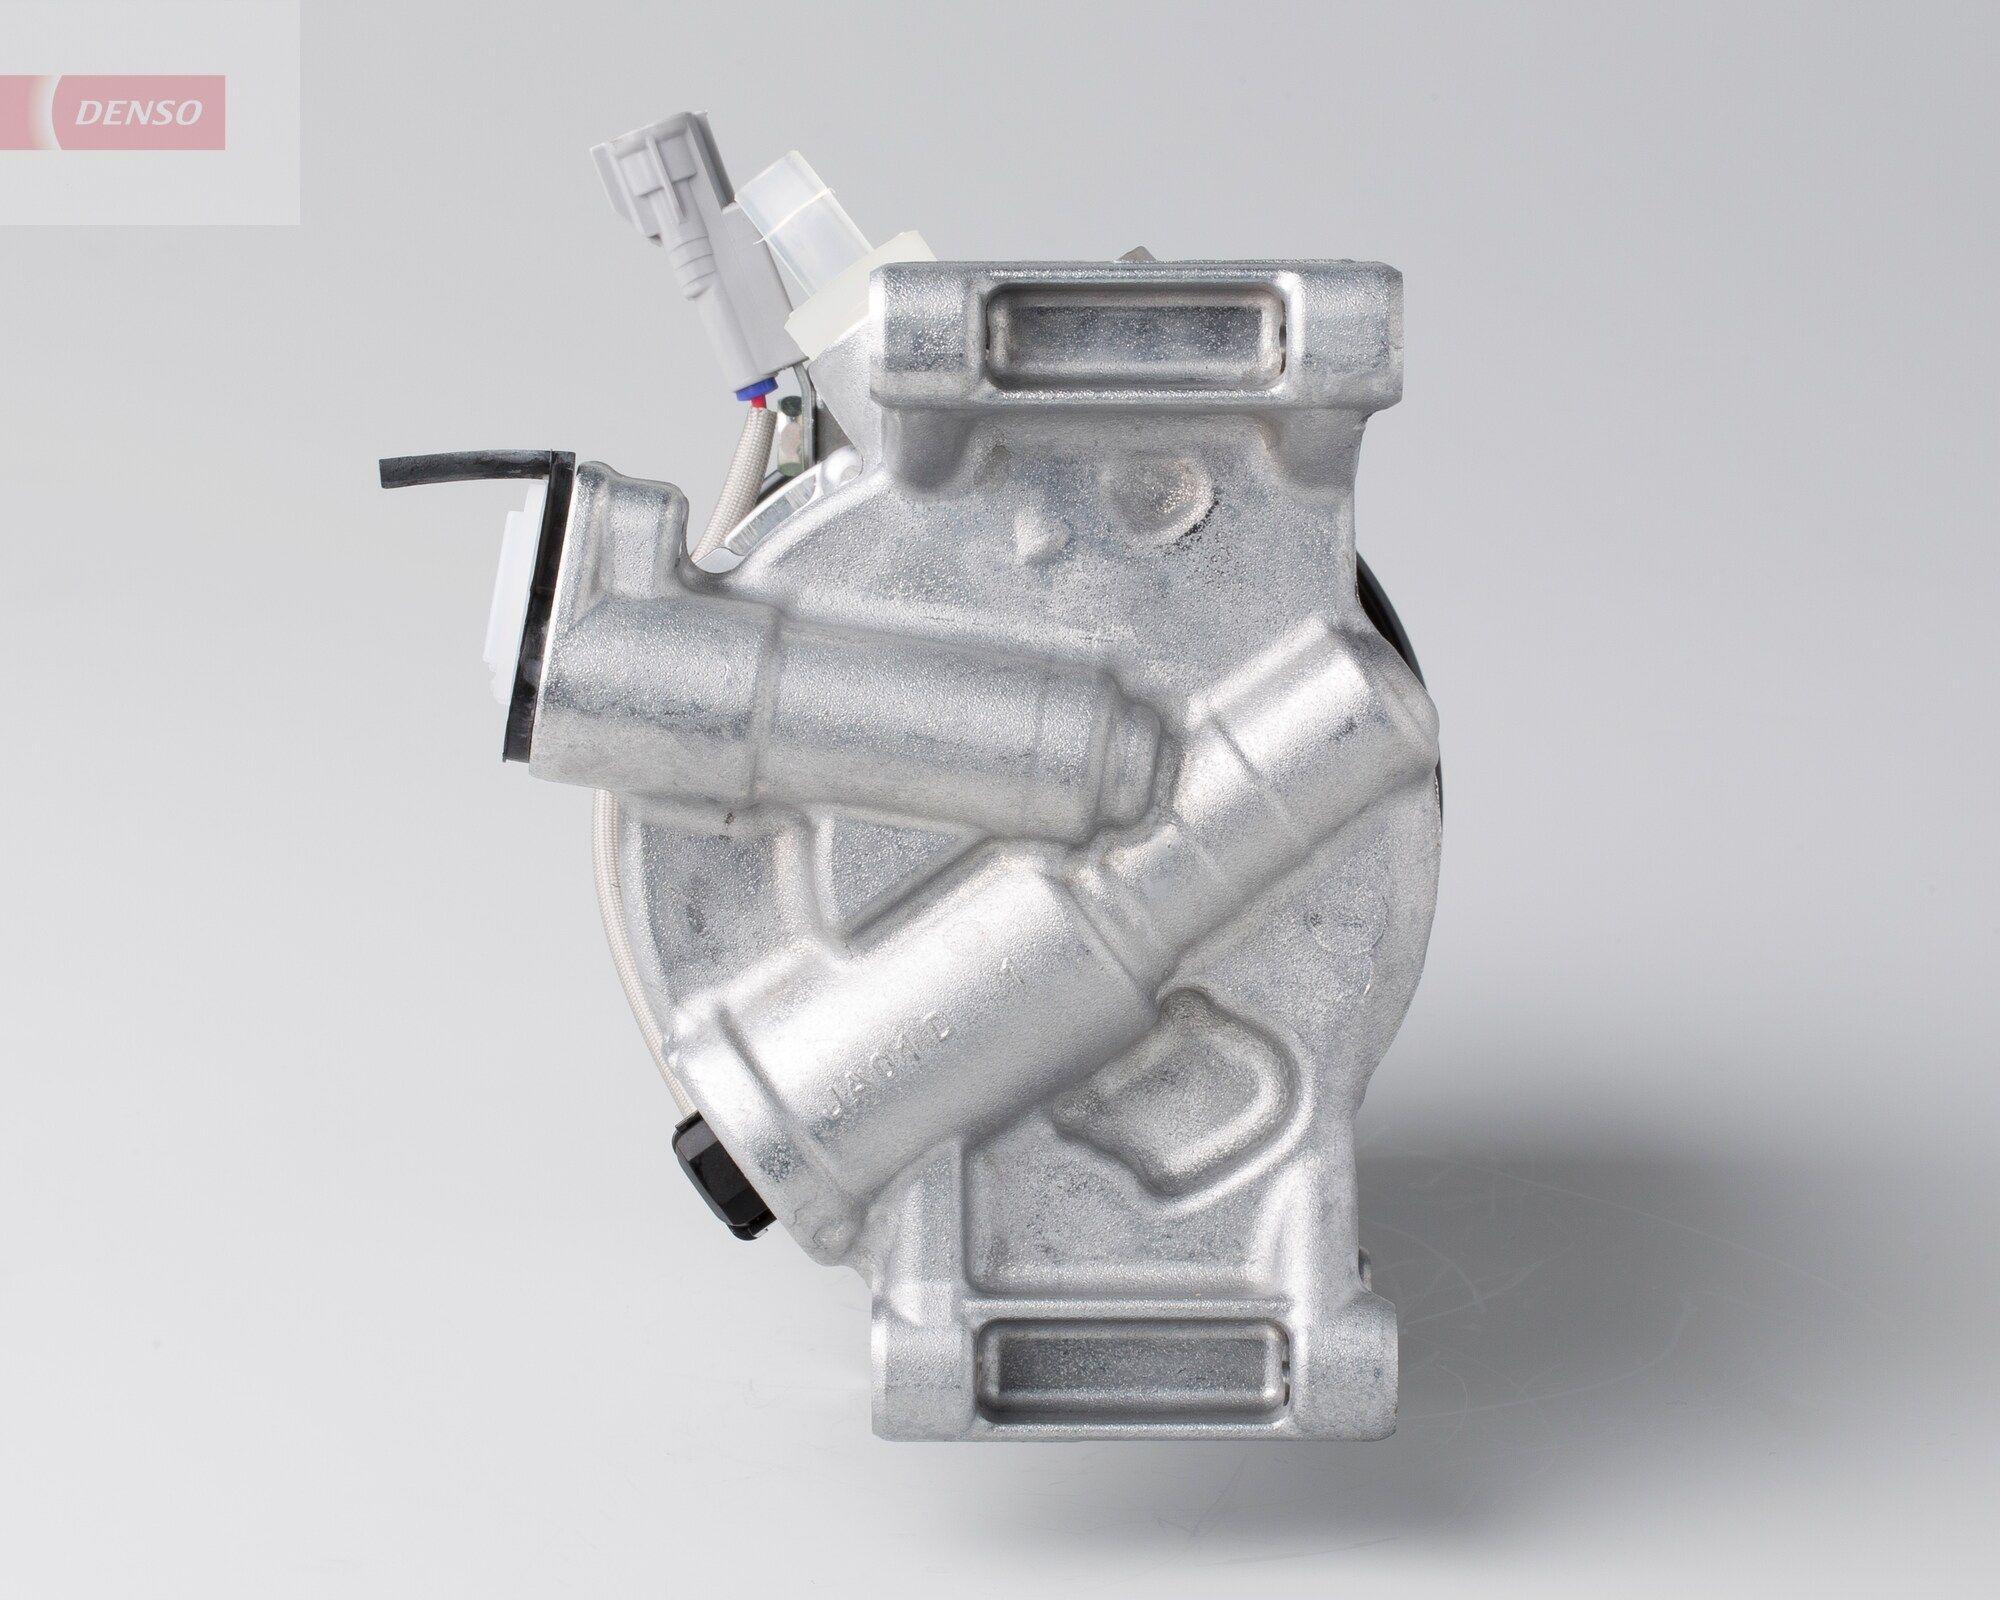 DCP50250 Kompressor, Klimaanlage DENSO DCP50250 - Große Auswahl - stark reduziert